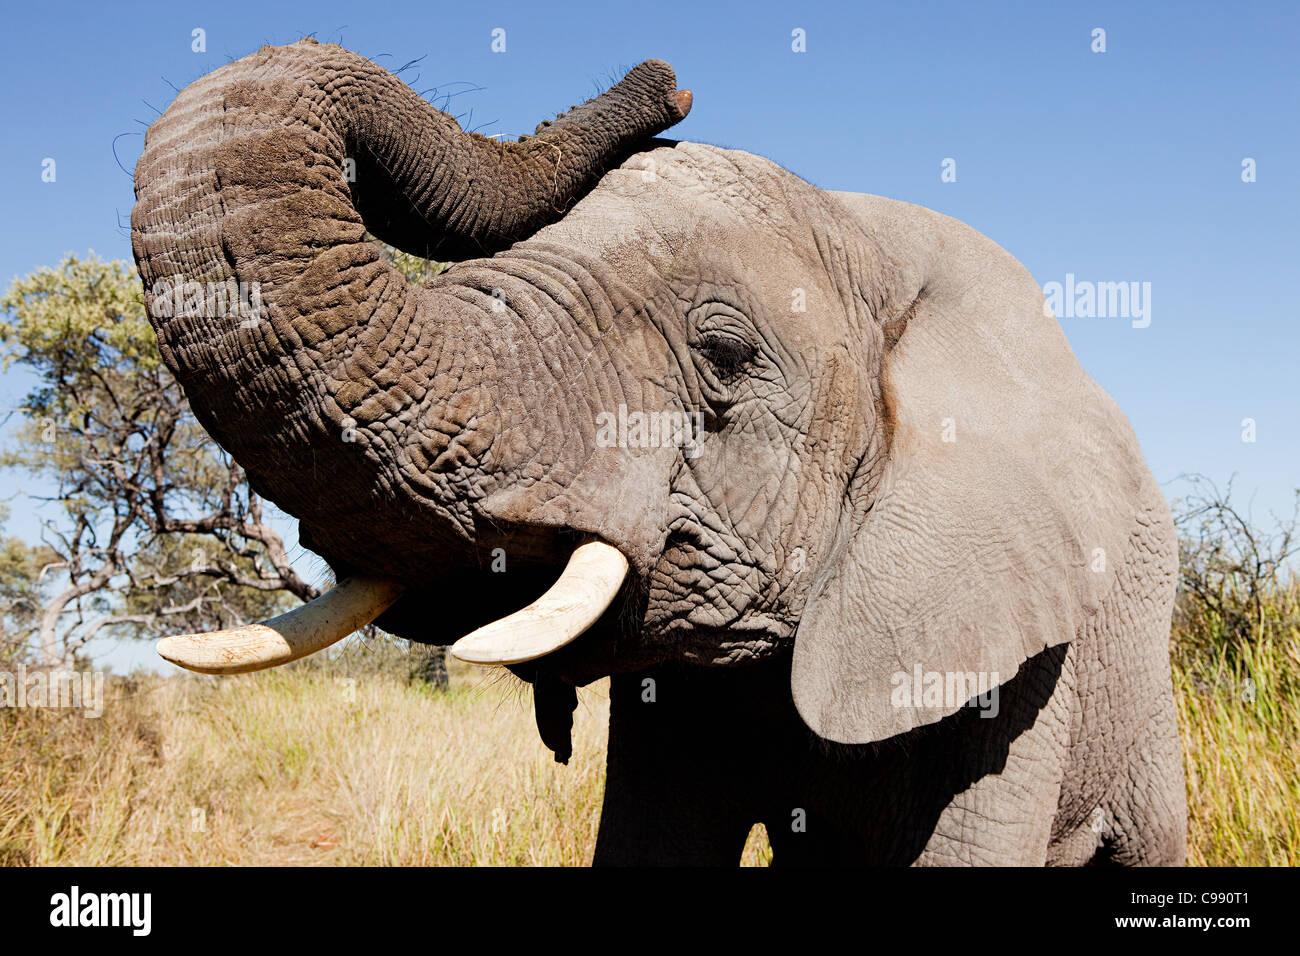 Weibliche afrikanische Elefanten, Botswana, Afrika Stockfoto, Bild ...